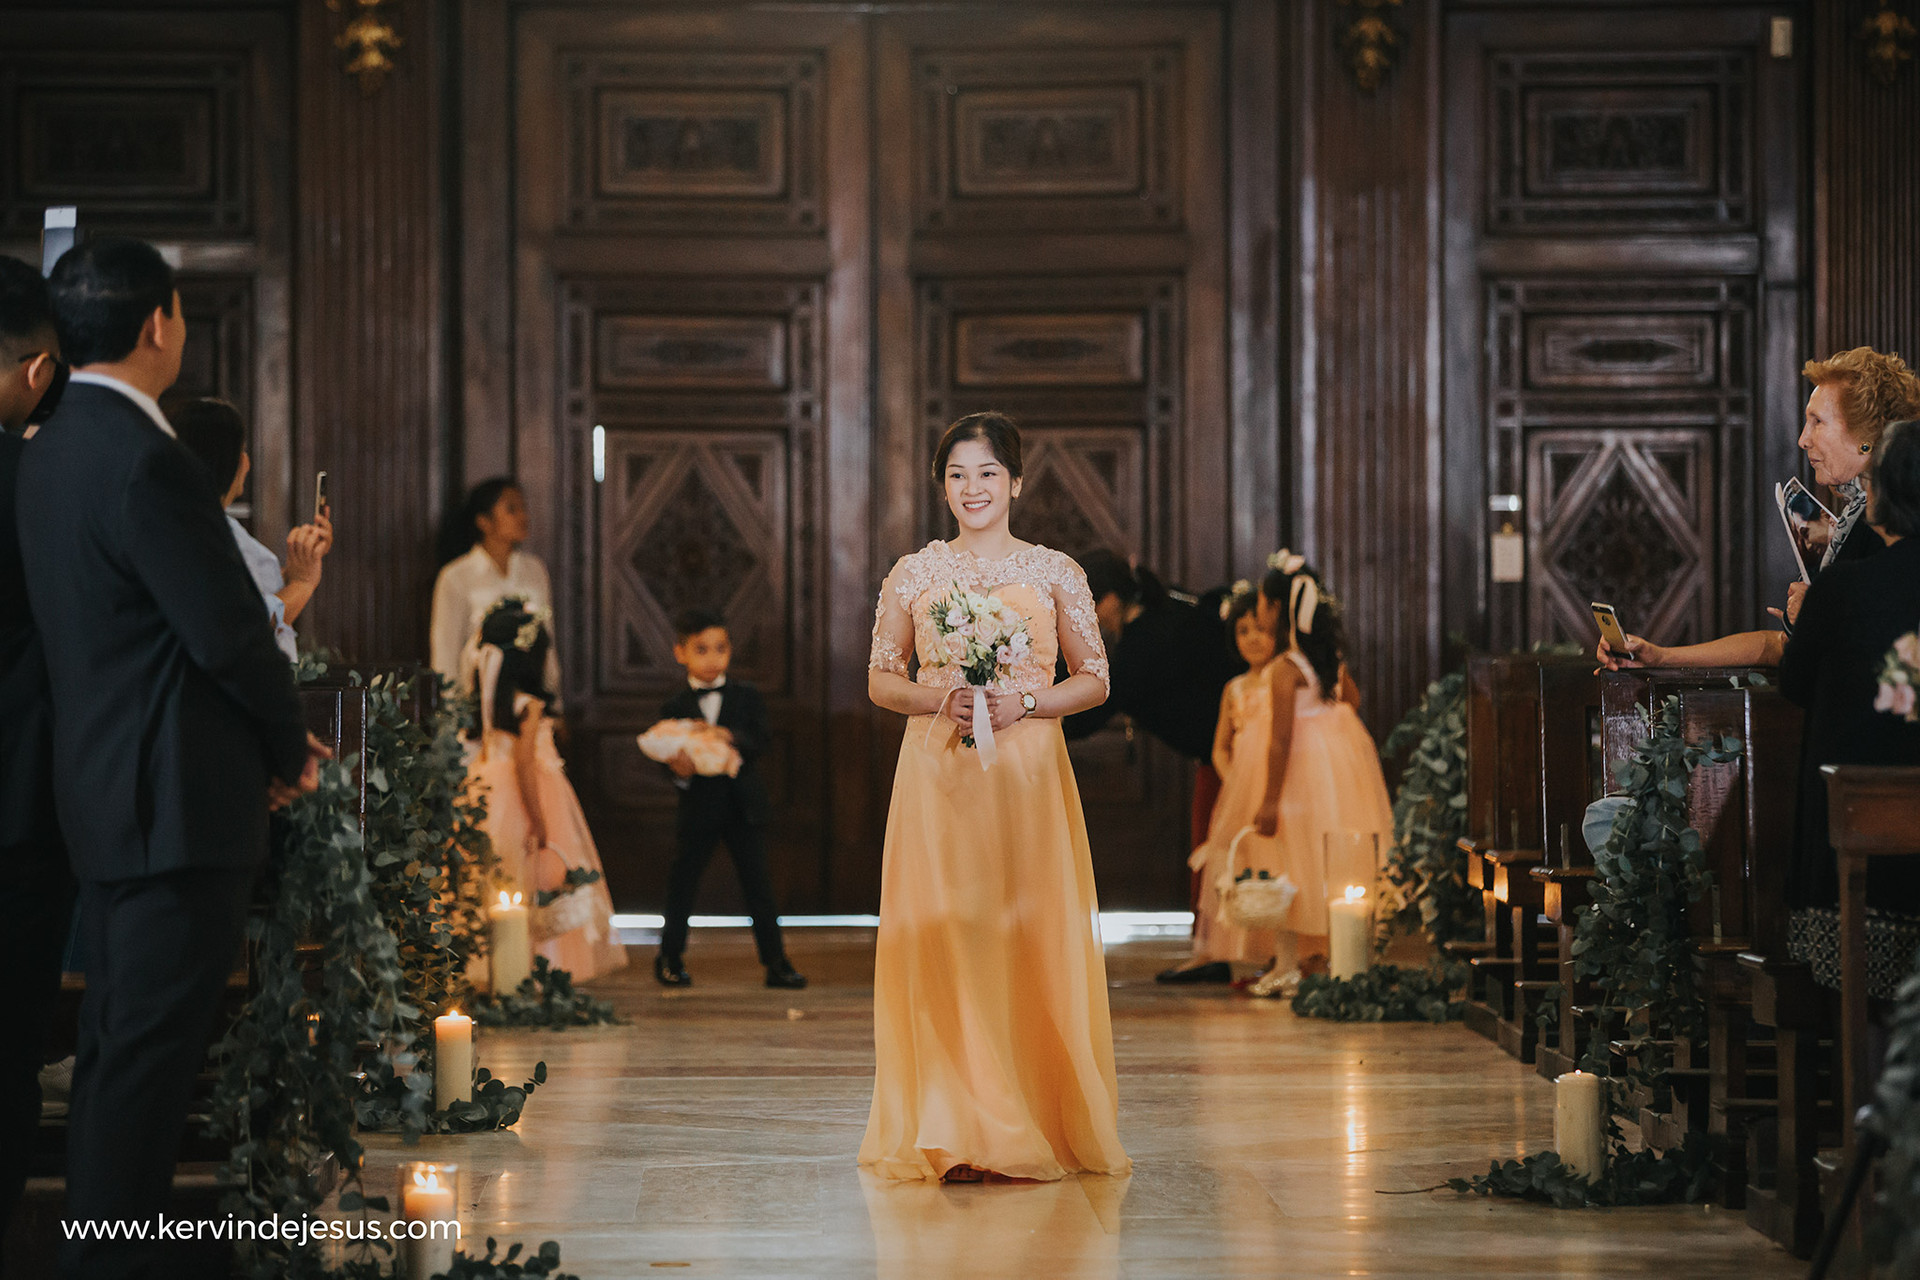 fcs_rochelleiven_wedding14.jpg